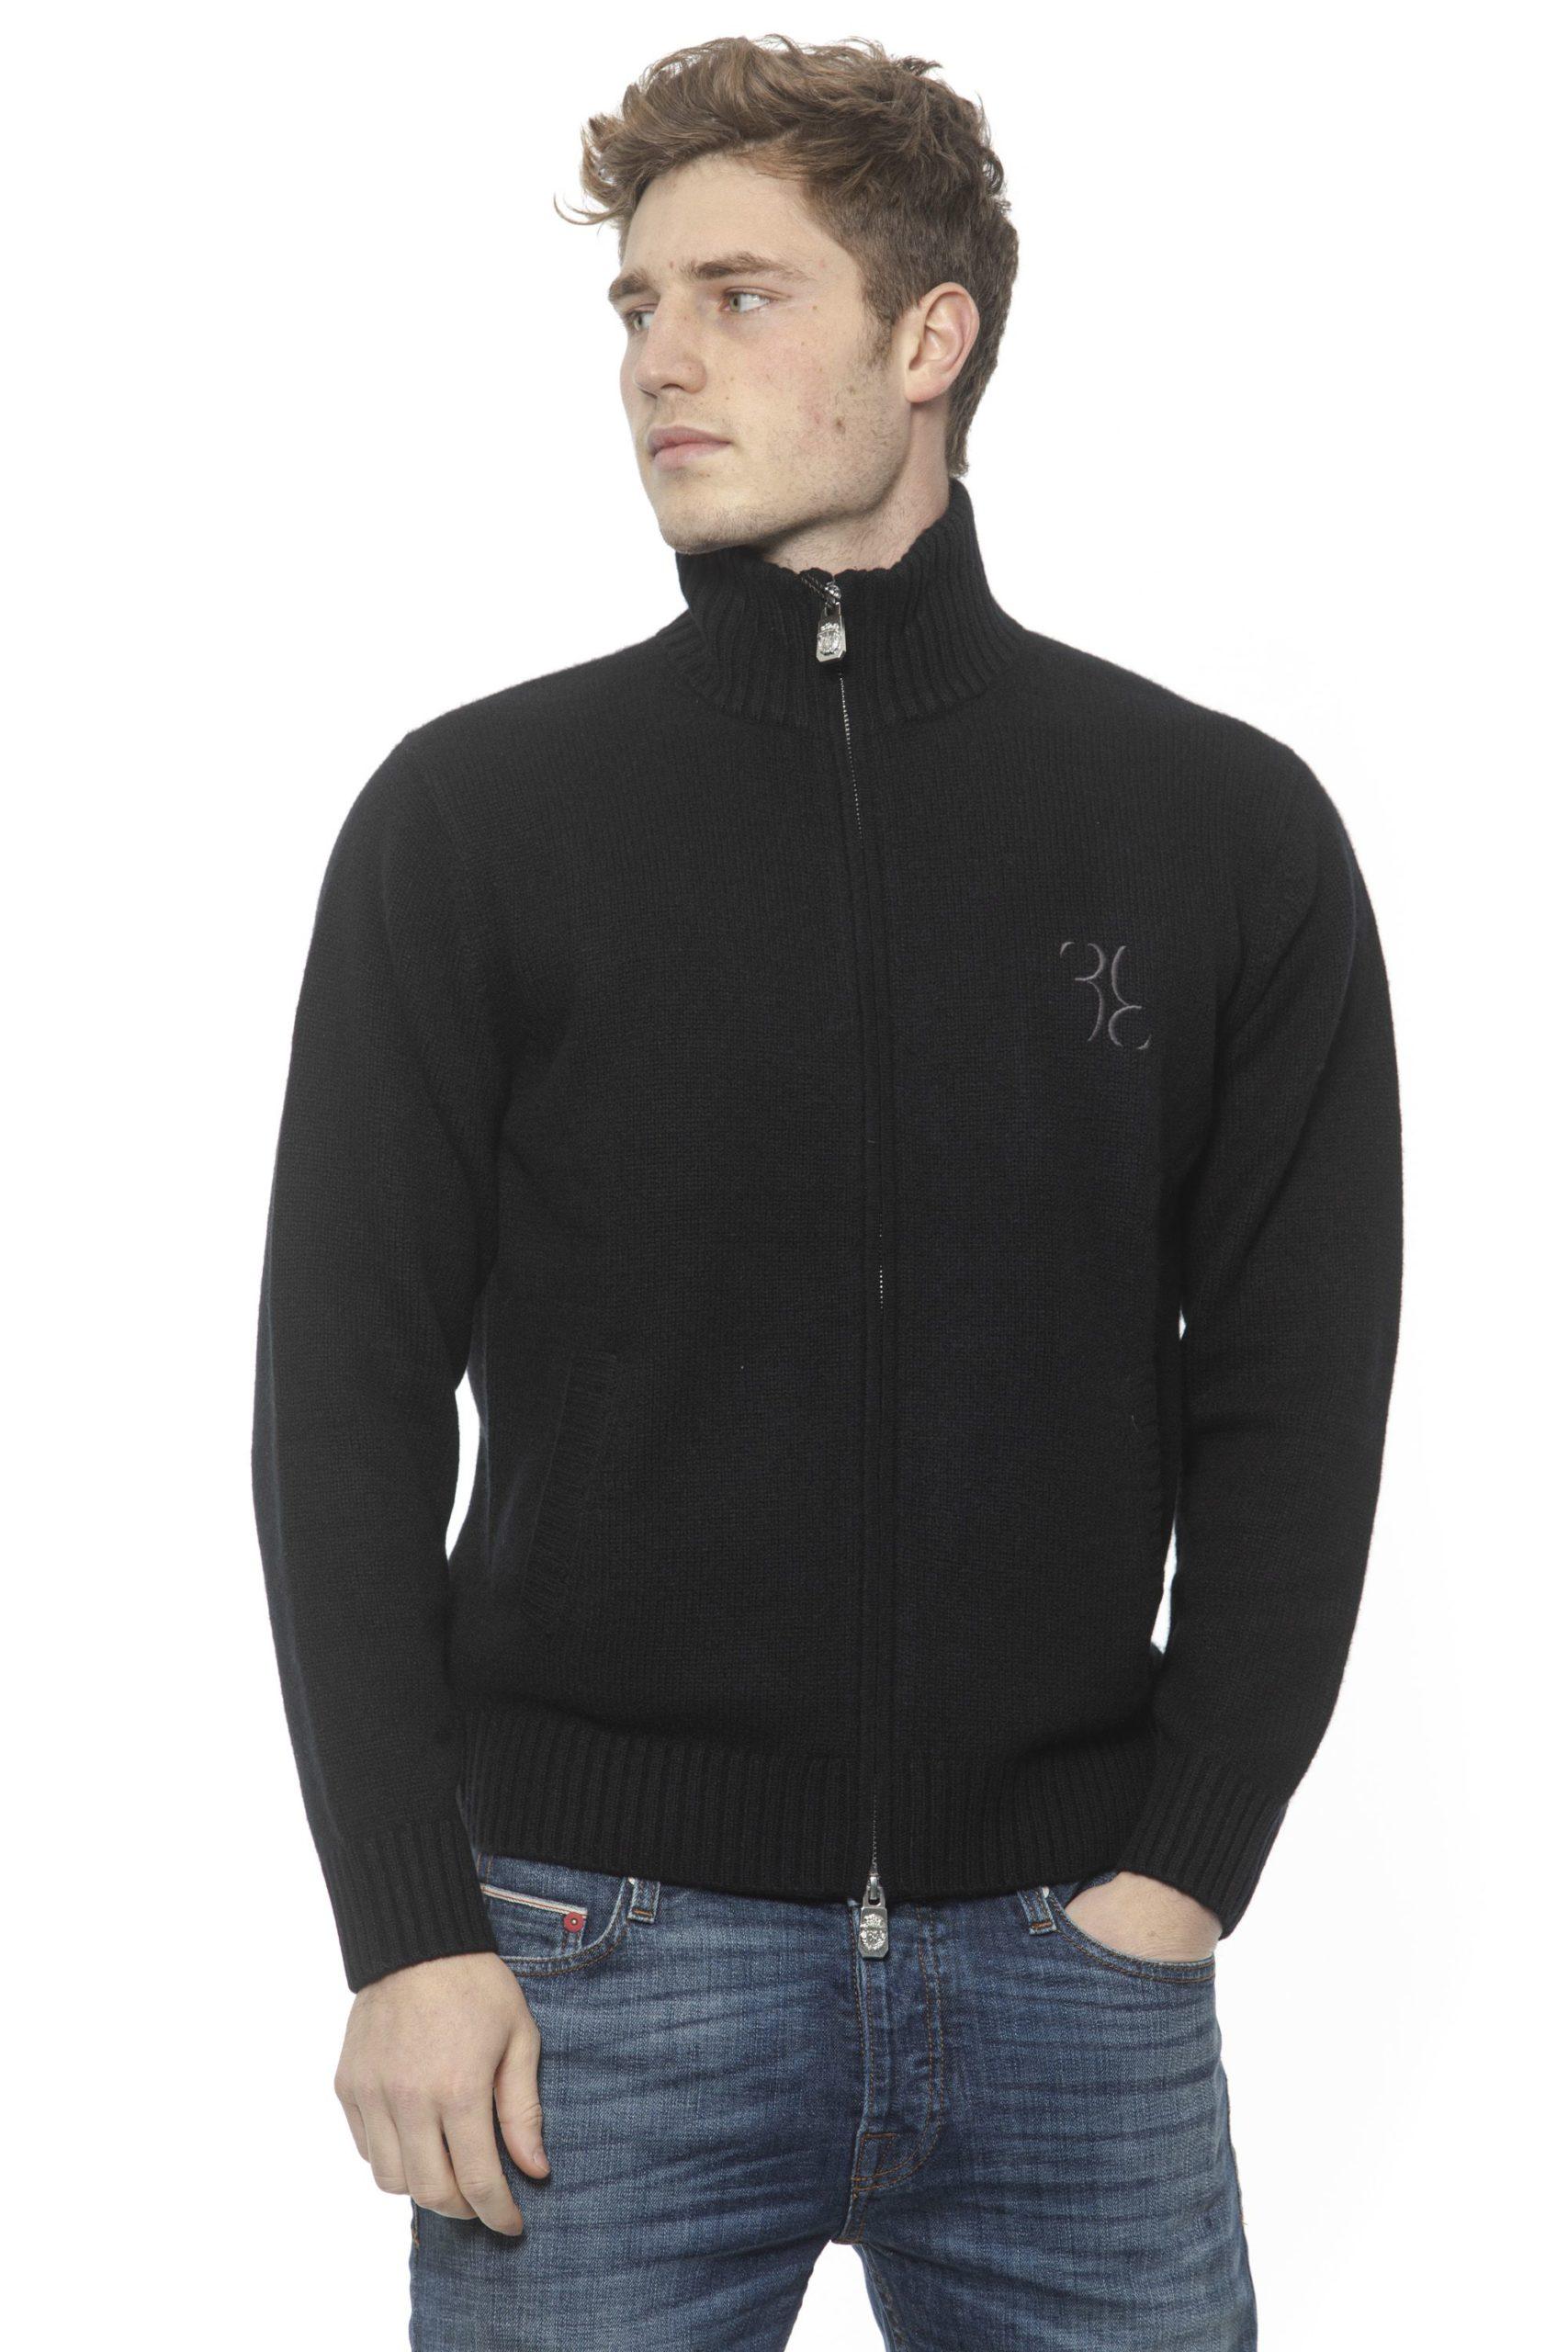 Billionaire Italian Couture Men's Nero Sweater Black BI1313395 - L